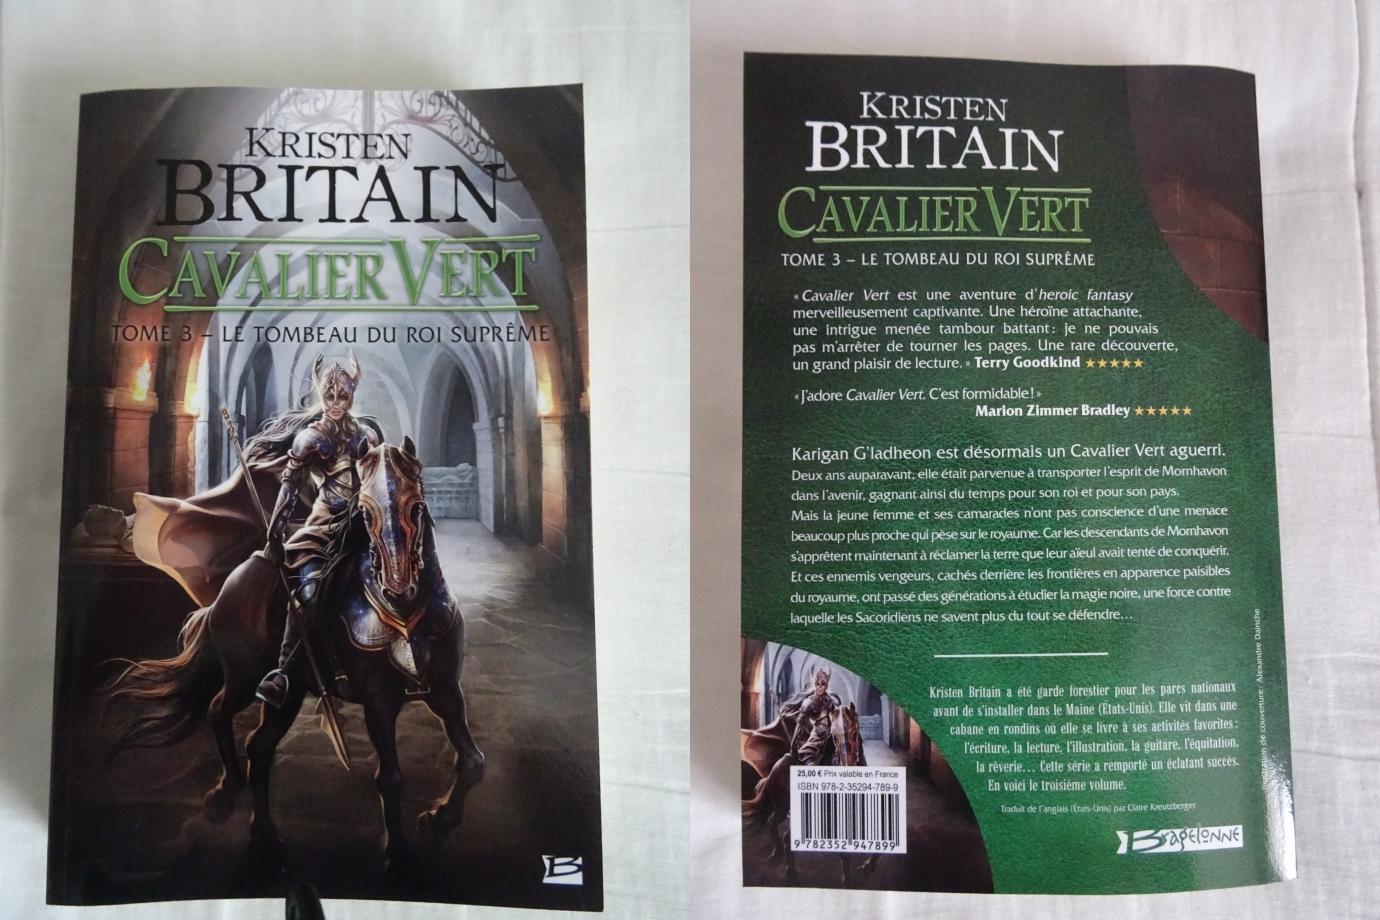 ce qu'il y a d'extraordinaire avec l'histoire des cavaliers verts,plus j'avance dans la lecture et aucune lassitude,aucun ennui ne se produit au fur et à mesure des tomes abordés.une très bonne surprise.